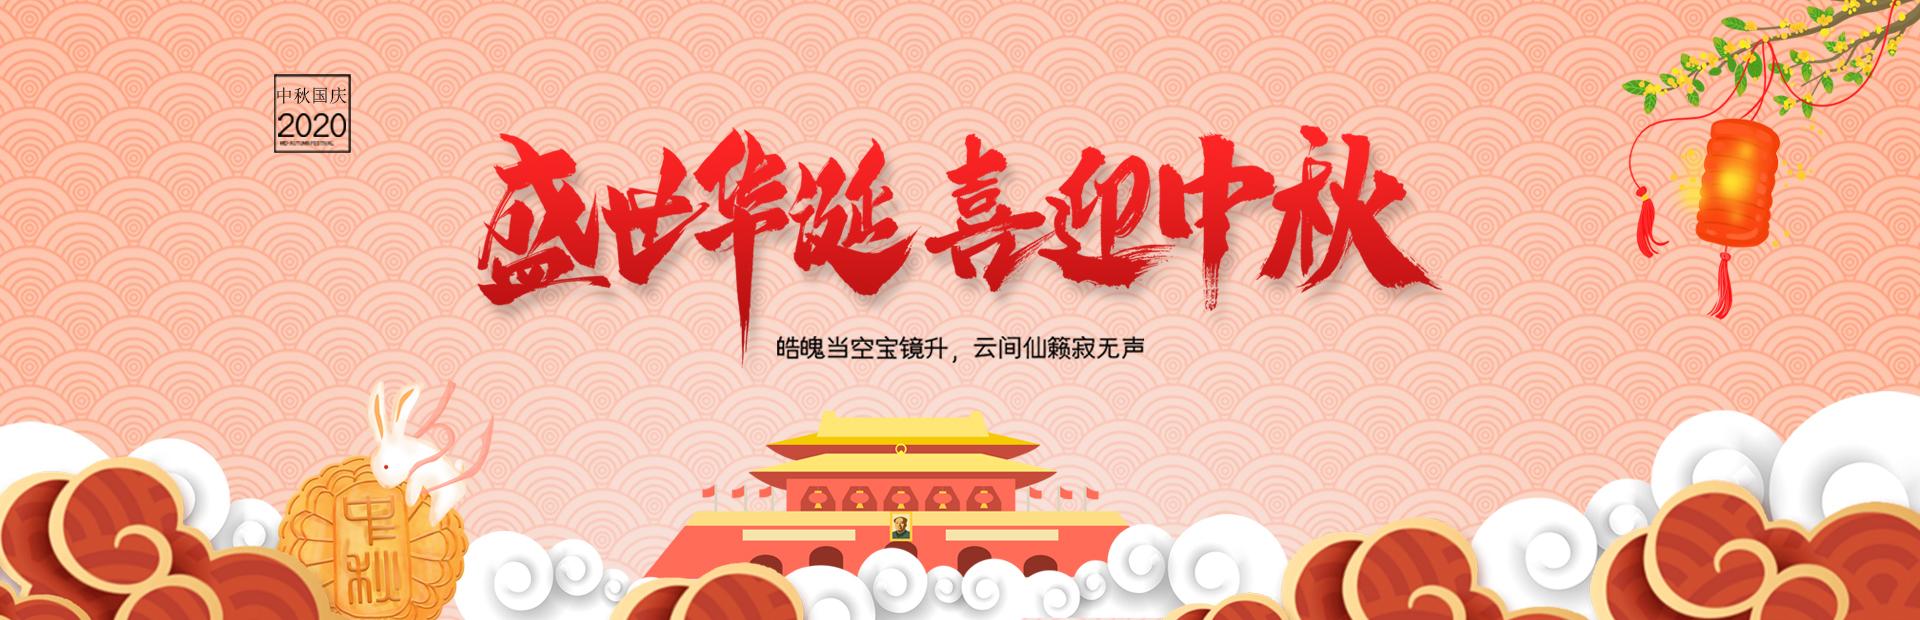 必威体育官网注册betway必威网站